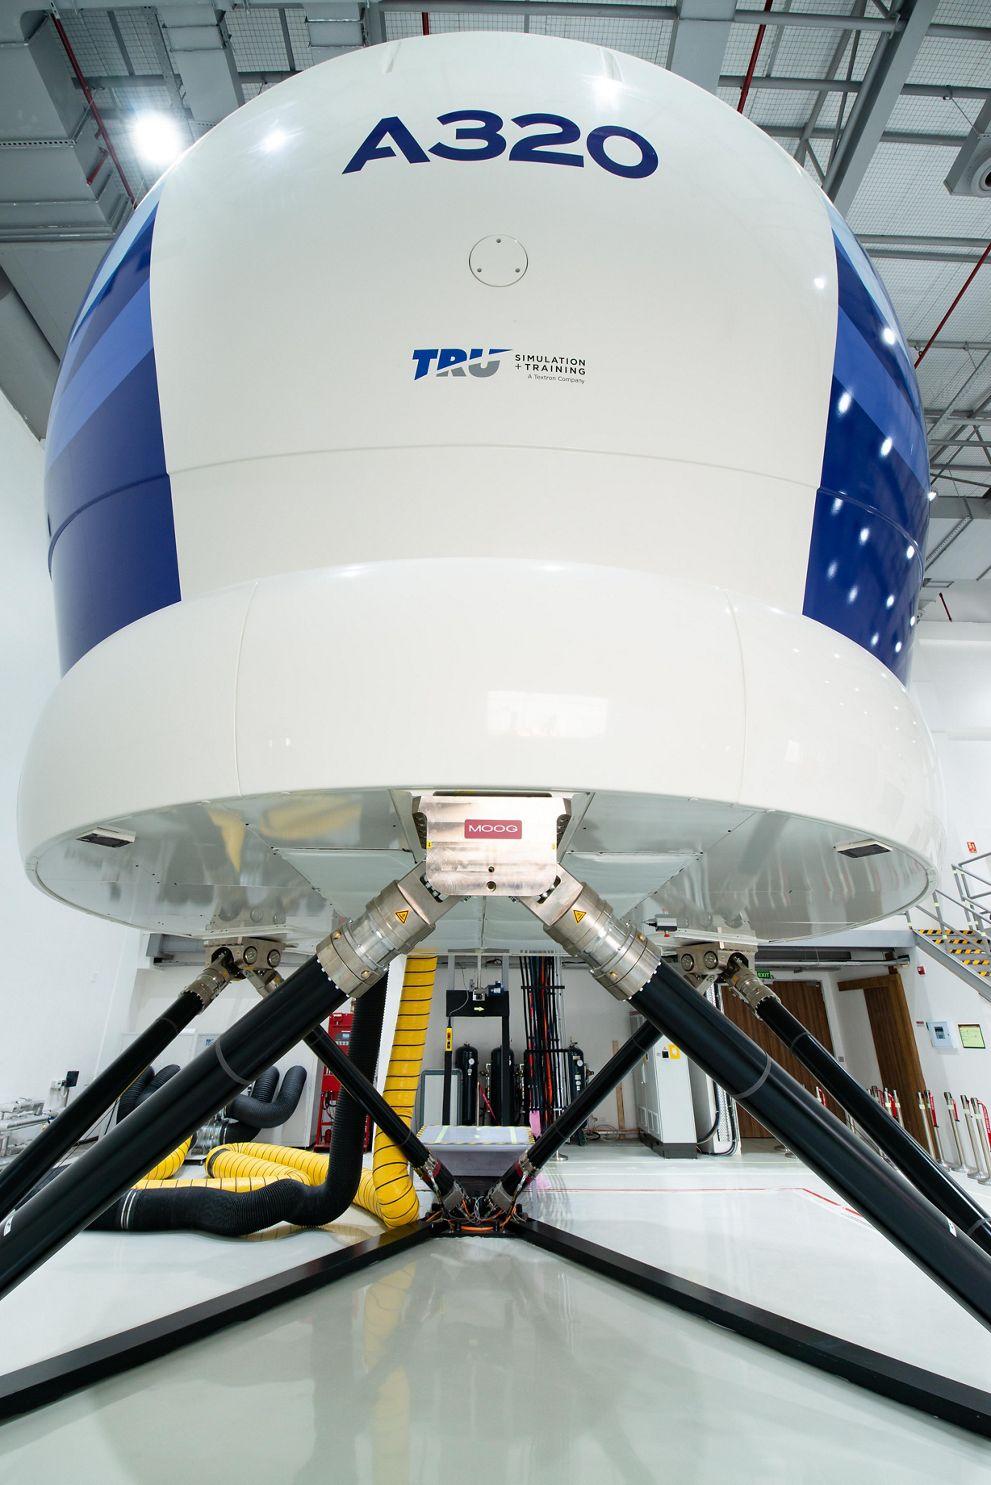 A320 Simulator At Airbus India Training Centre